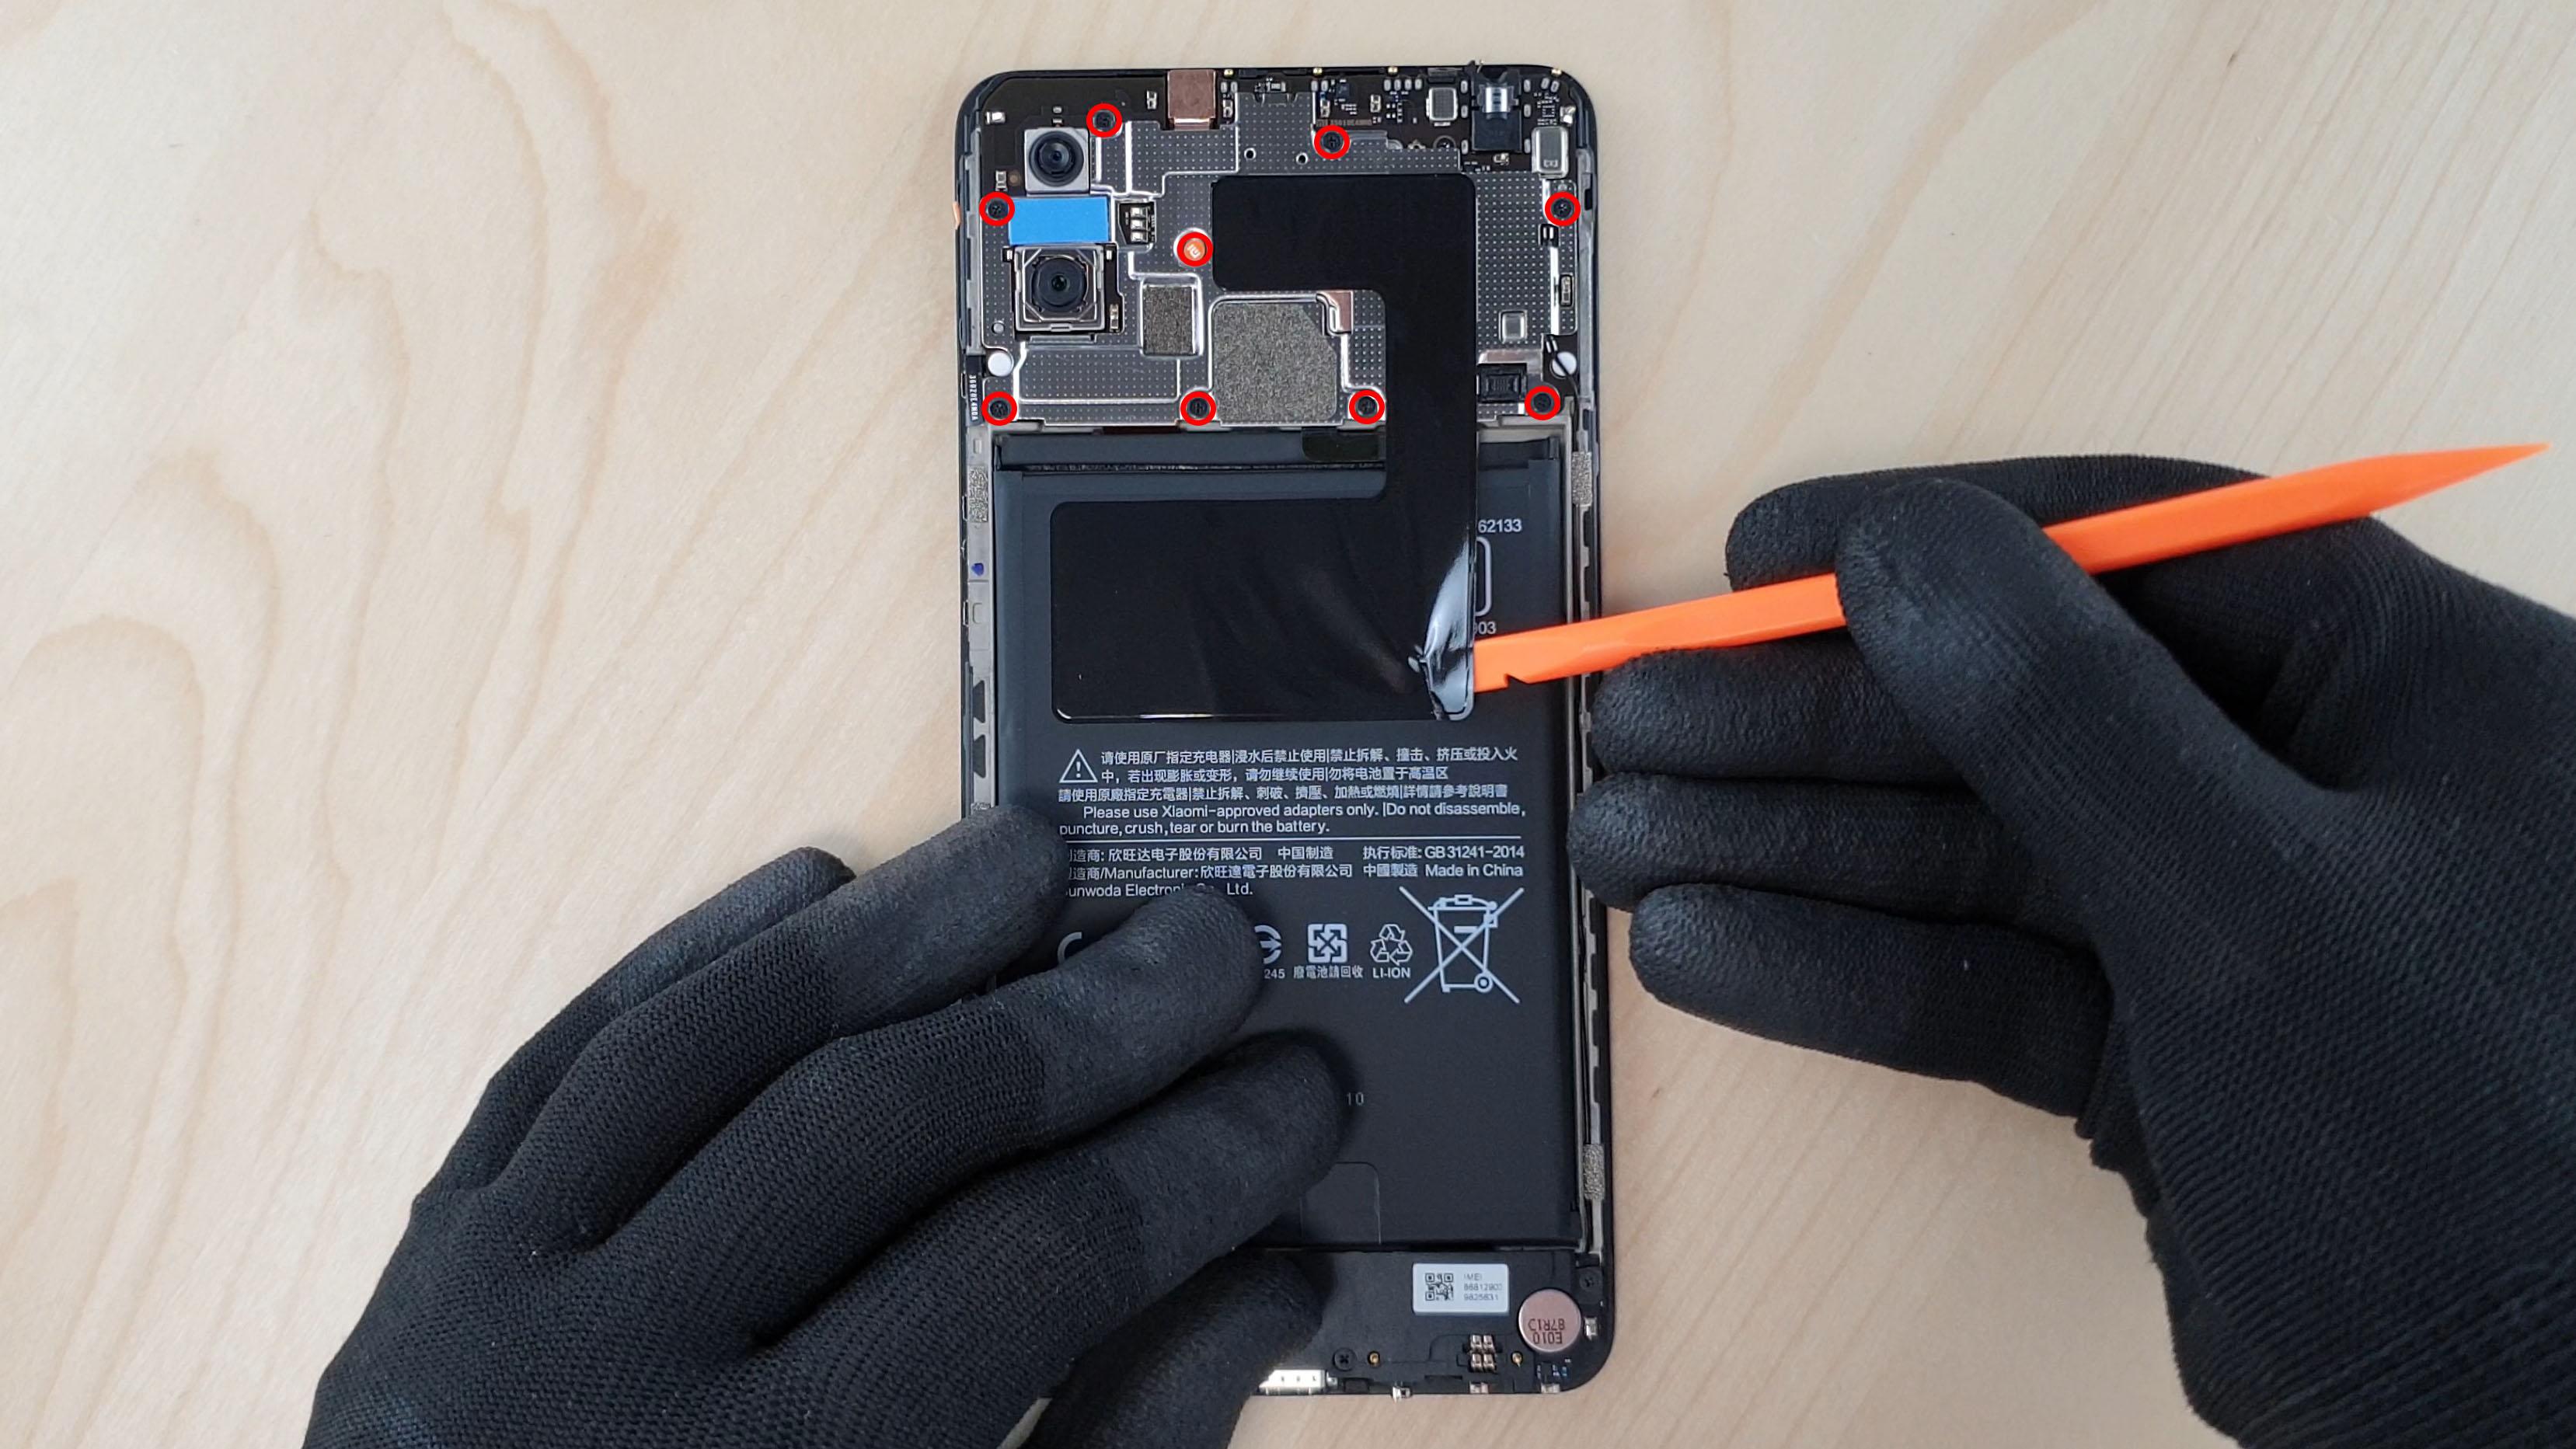 ce diffuseur de chaleur est placé juste au-dessus de la batterie du Mi Max 3